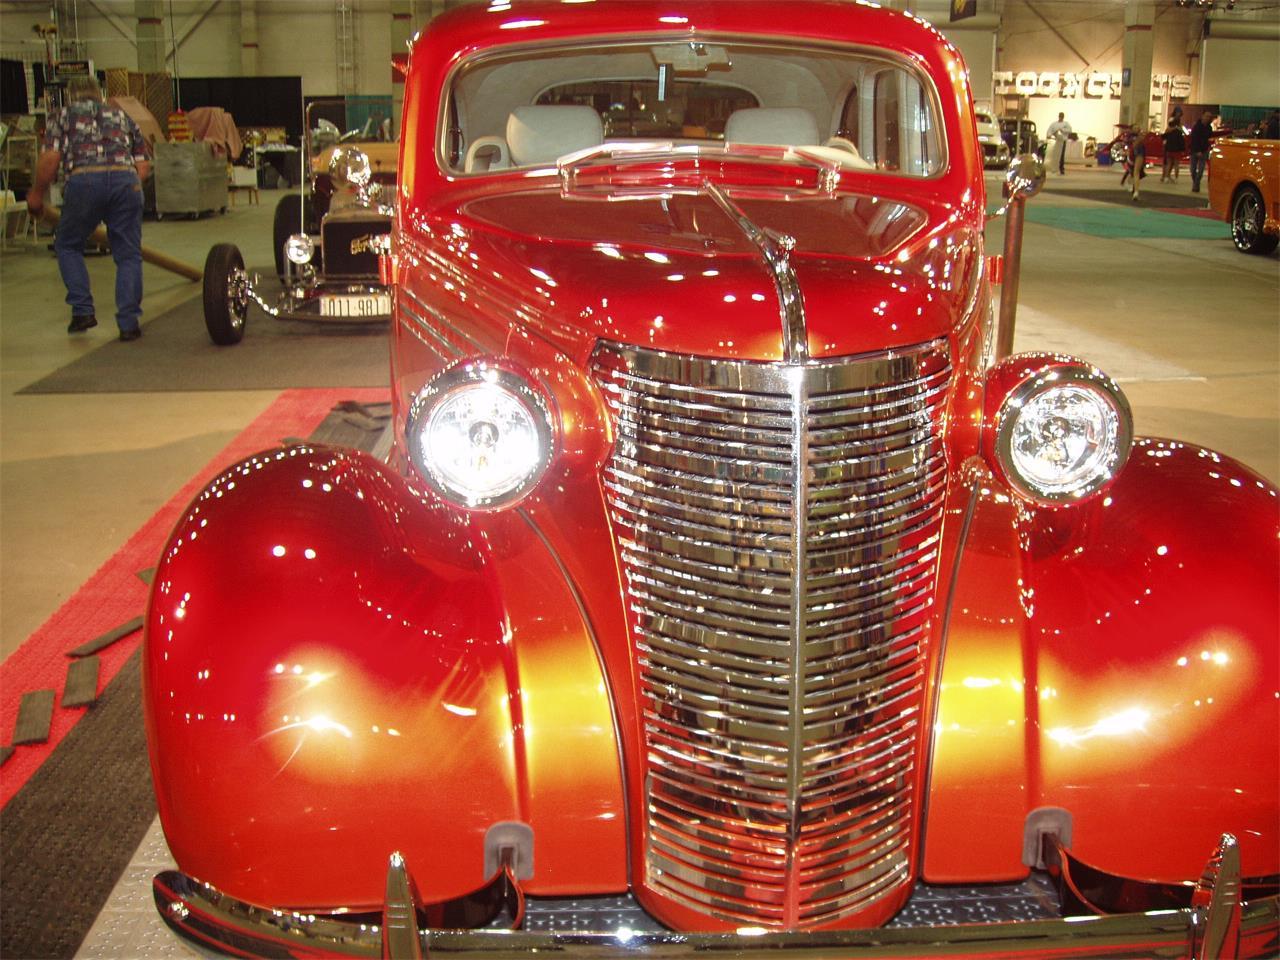 Large Picture of '38 Chevrolet Sedan located in Orangevale California - $60,000.00 - K3CQ